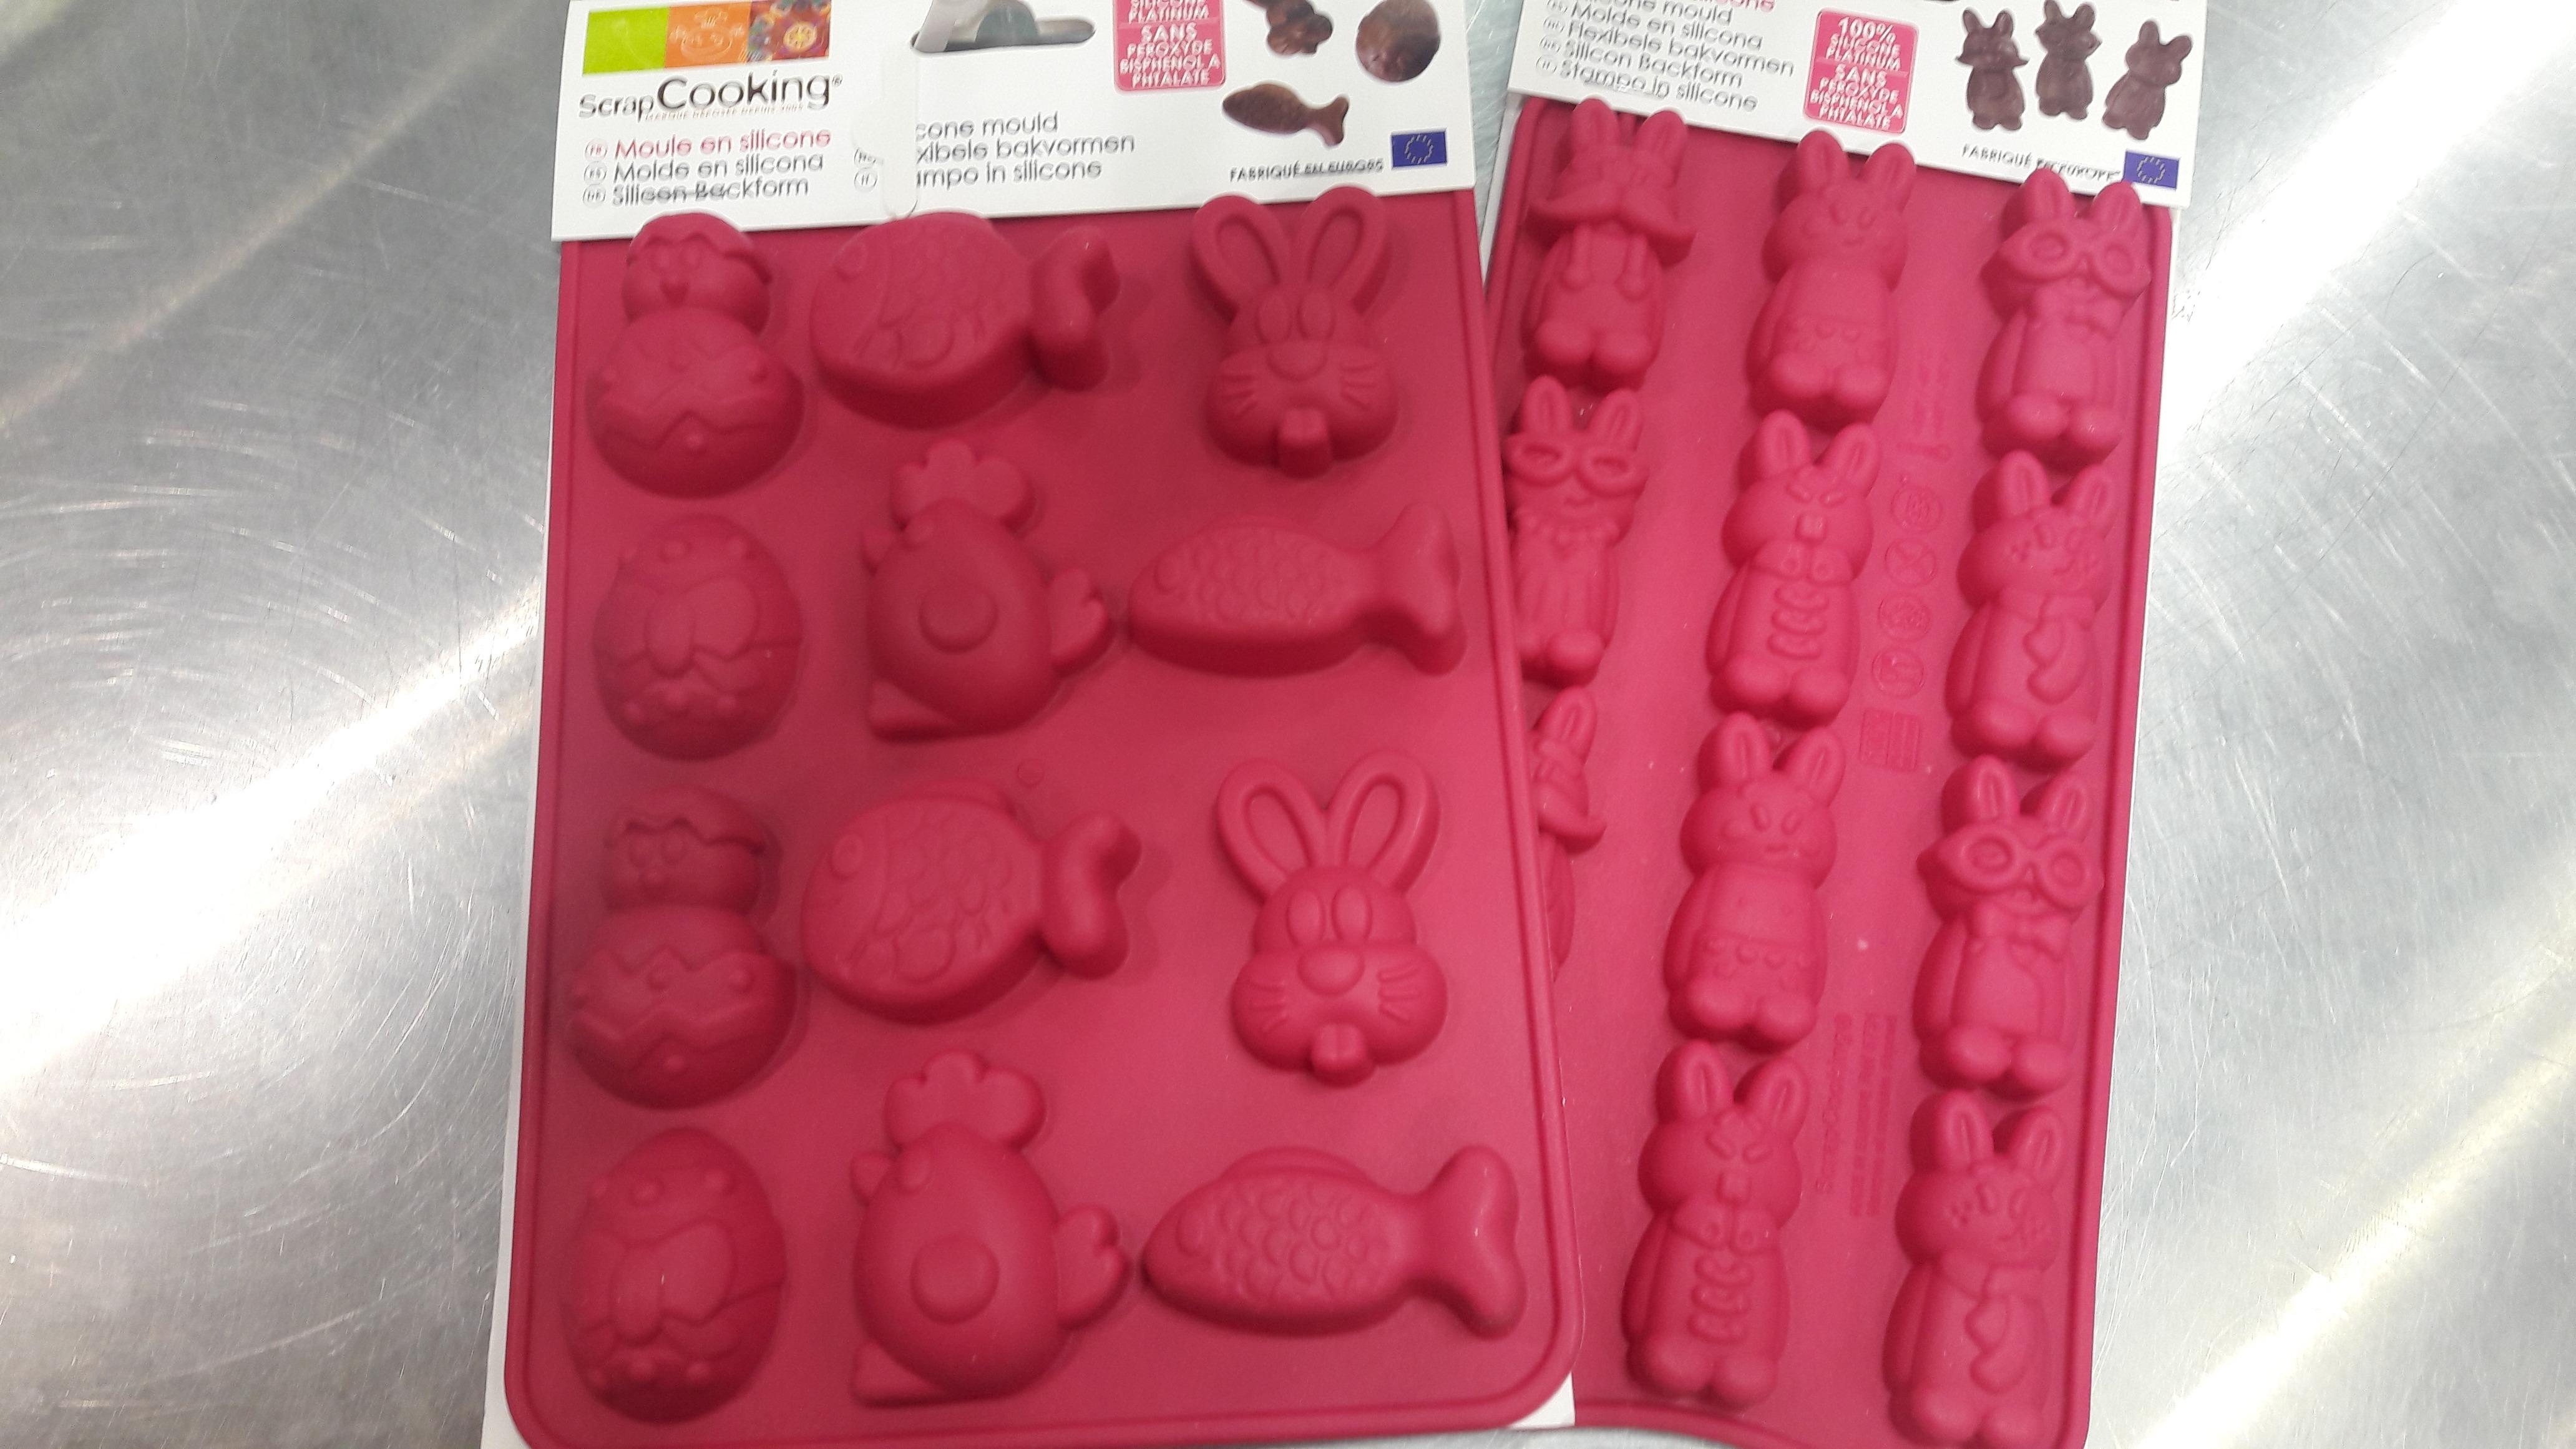 J'ai testé pour vous le moules à chocolat en forme de lapins rigolos